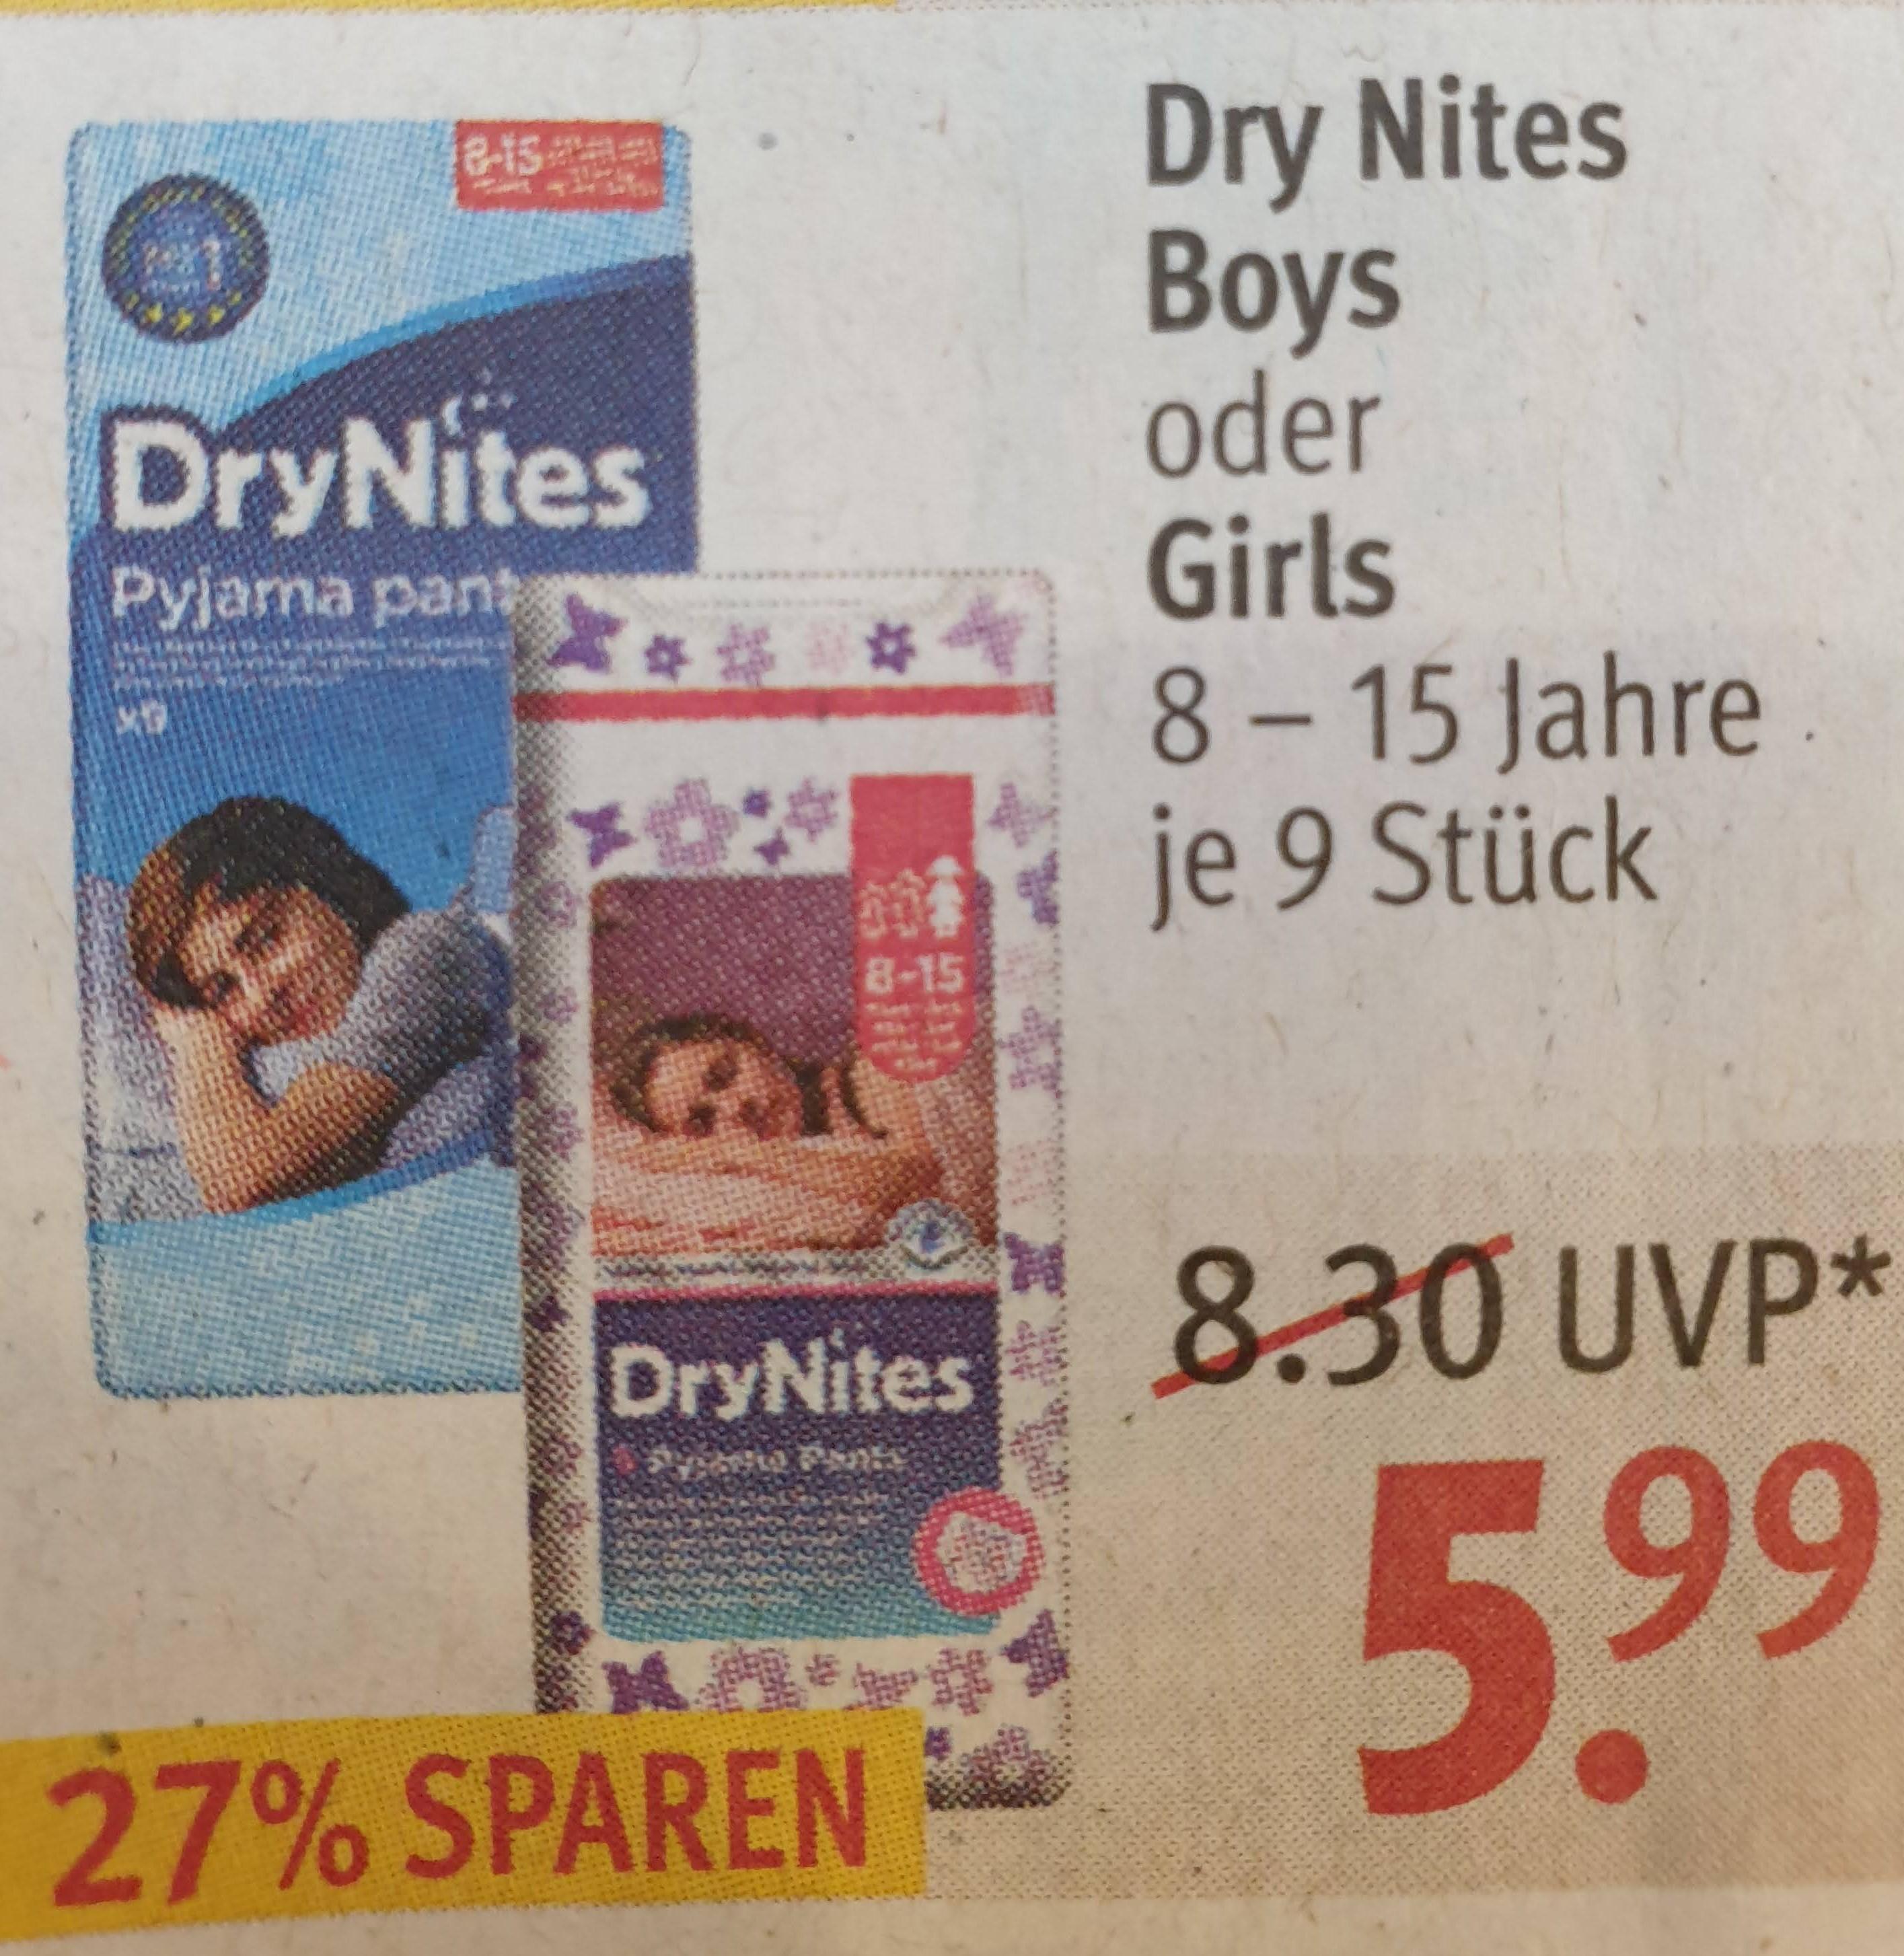 [Rossmann] DryNites Pyjama Pants für 5,99 EUR (mit Gutschein aus Rossmann-App für 2,69 EUR)